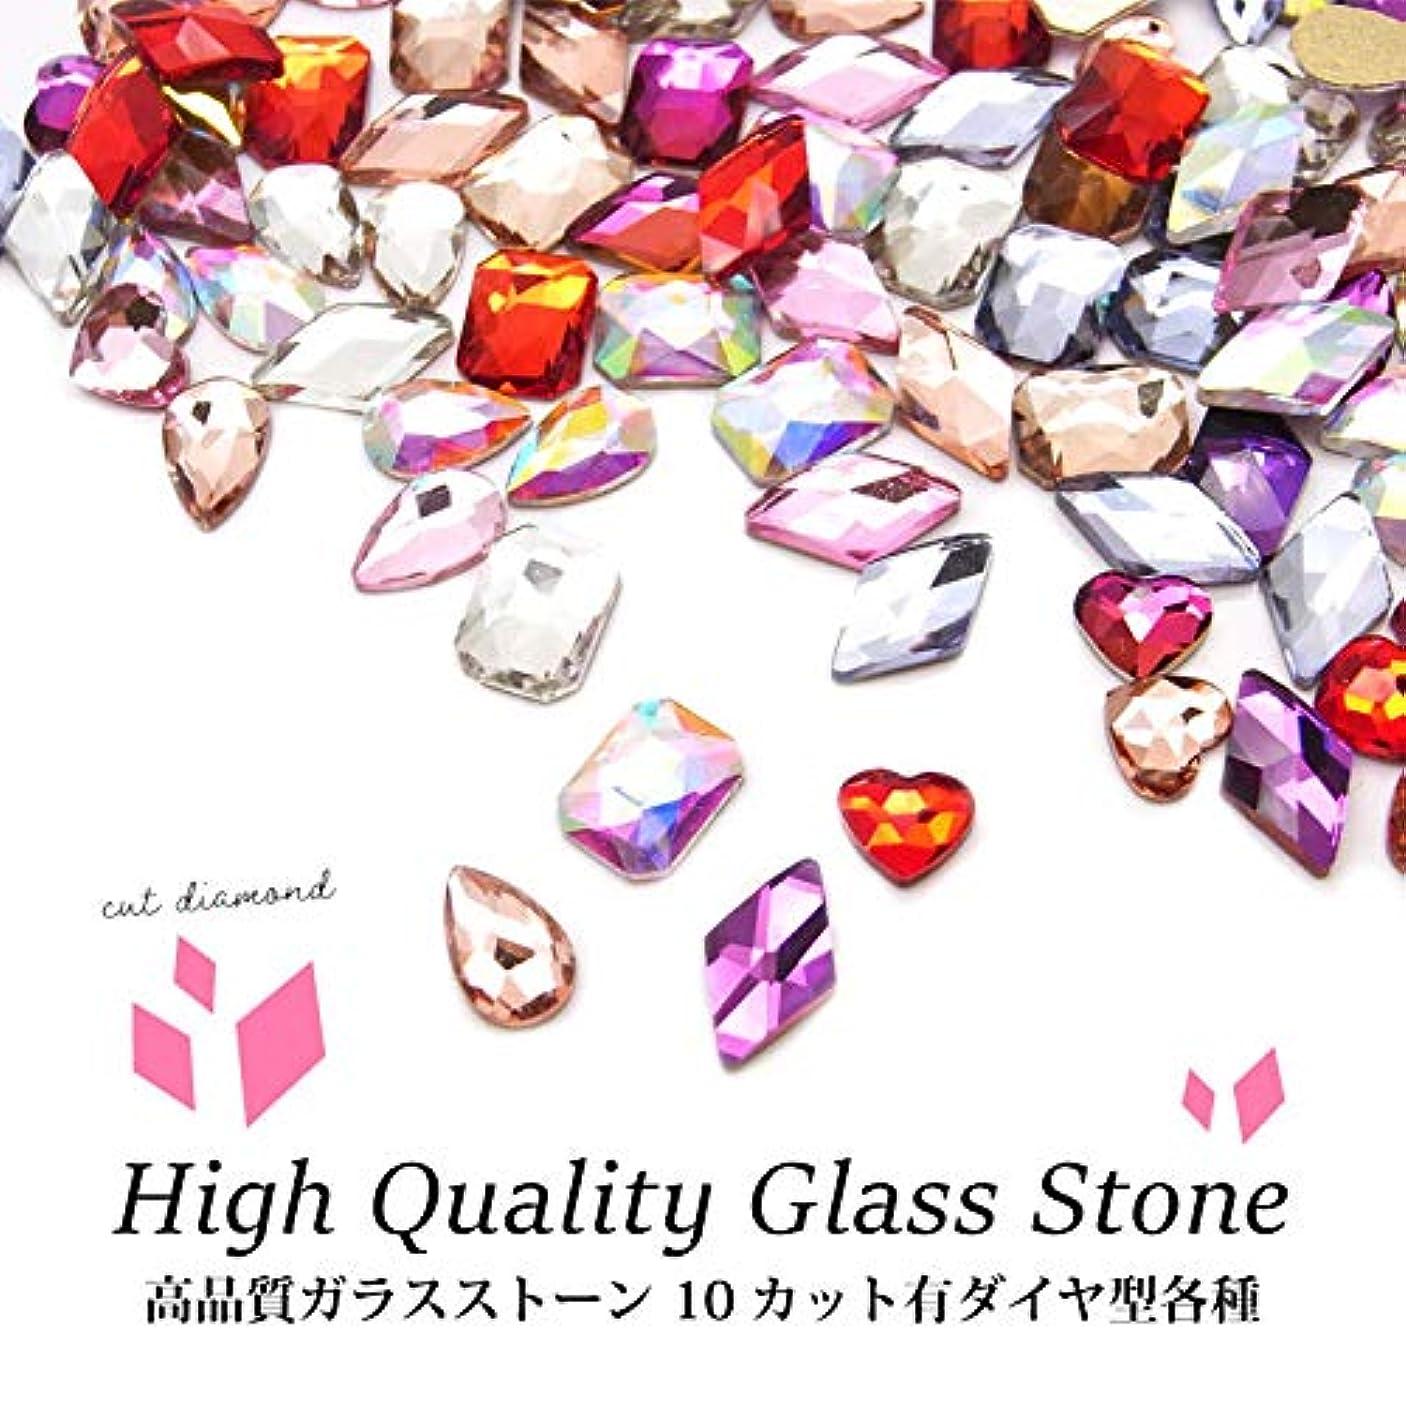 作りますキーながら高品質ガラスストーン 10 カット有ダイヤ型 各種 5個入り (1.クリスタル)